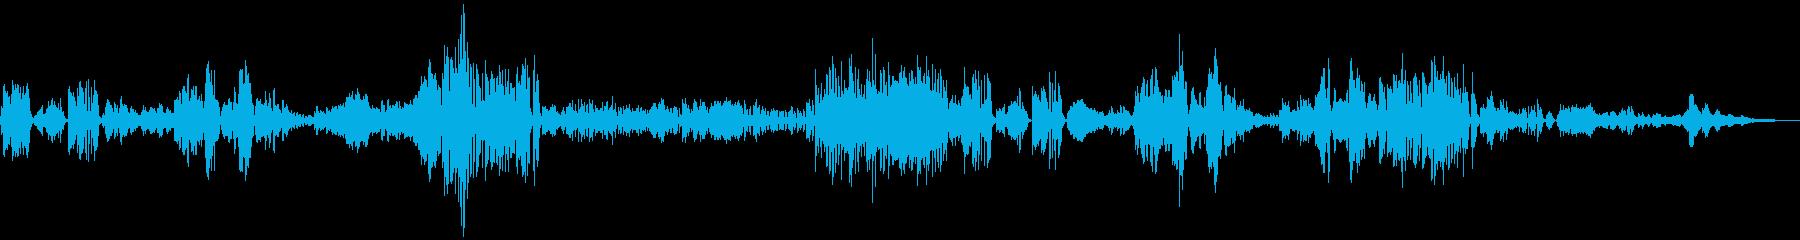 ドヴォルザーク作曲ソナチネ1の再生済みの波形